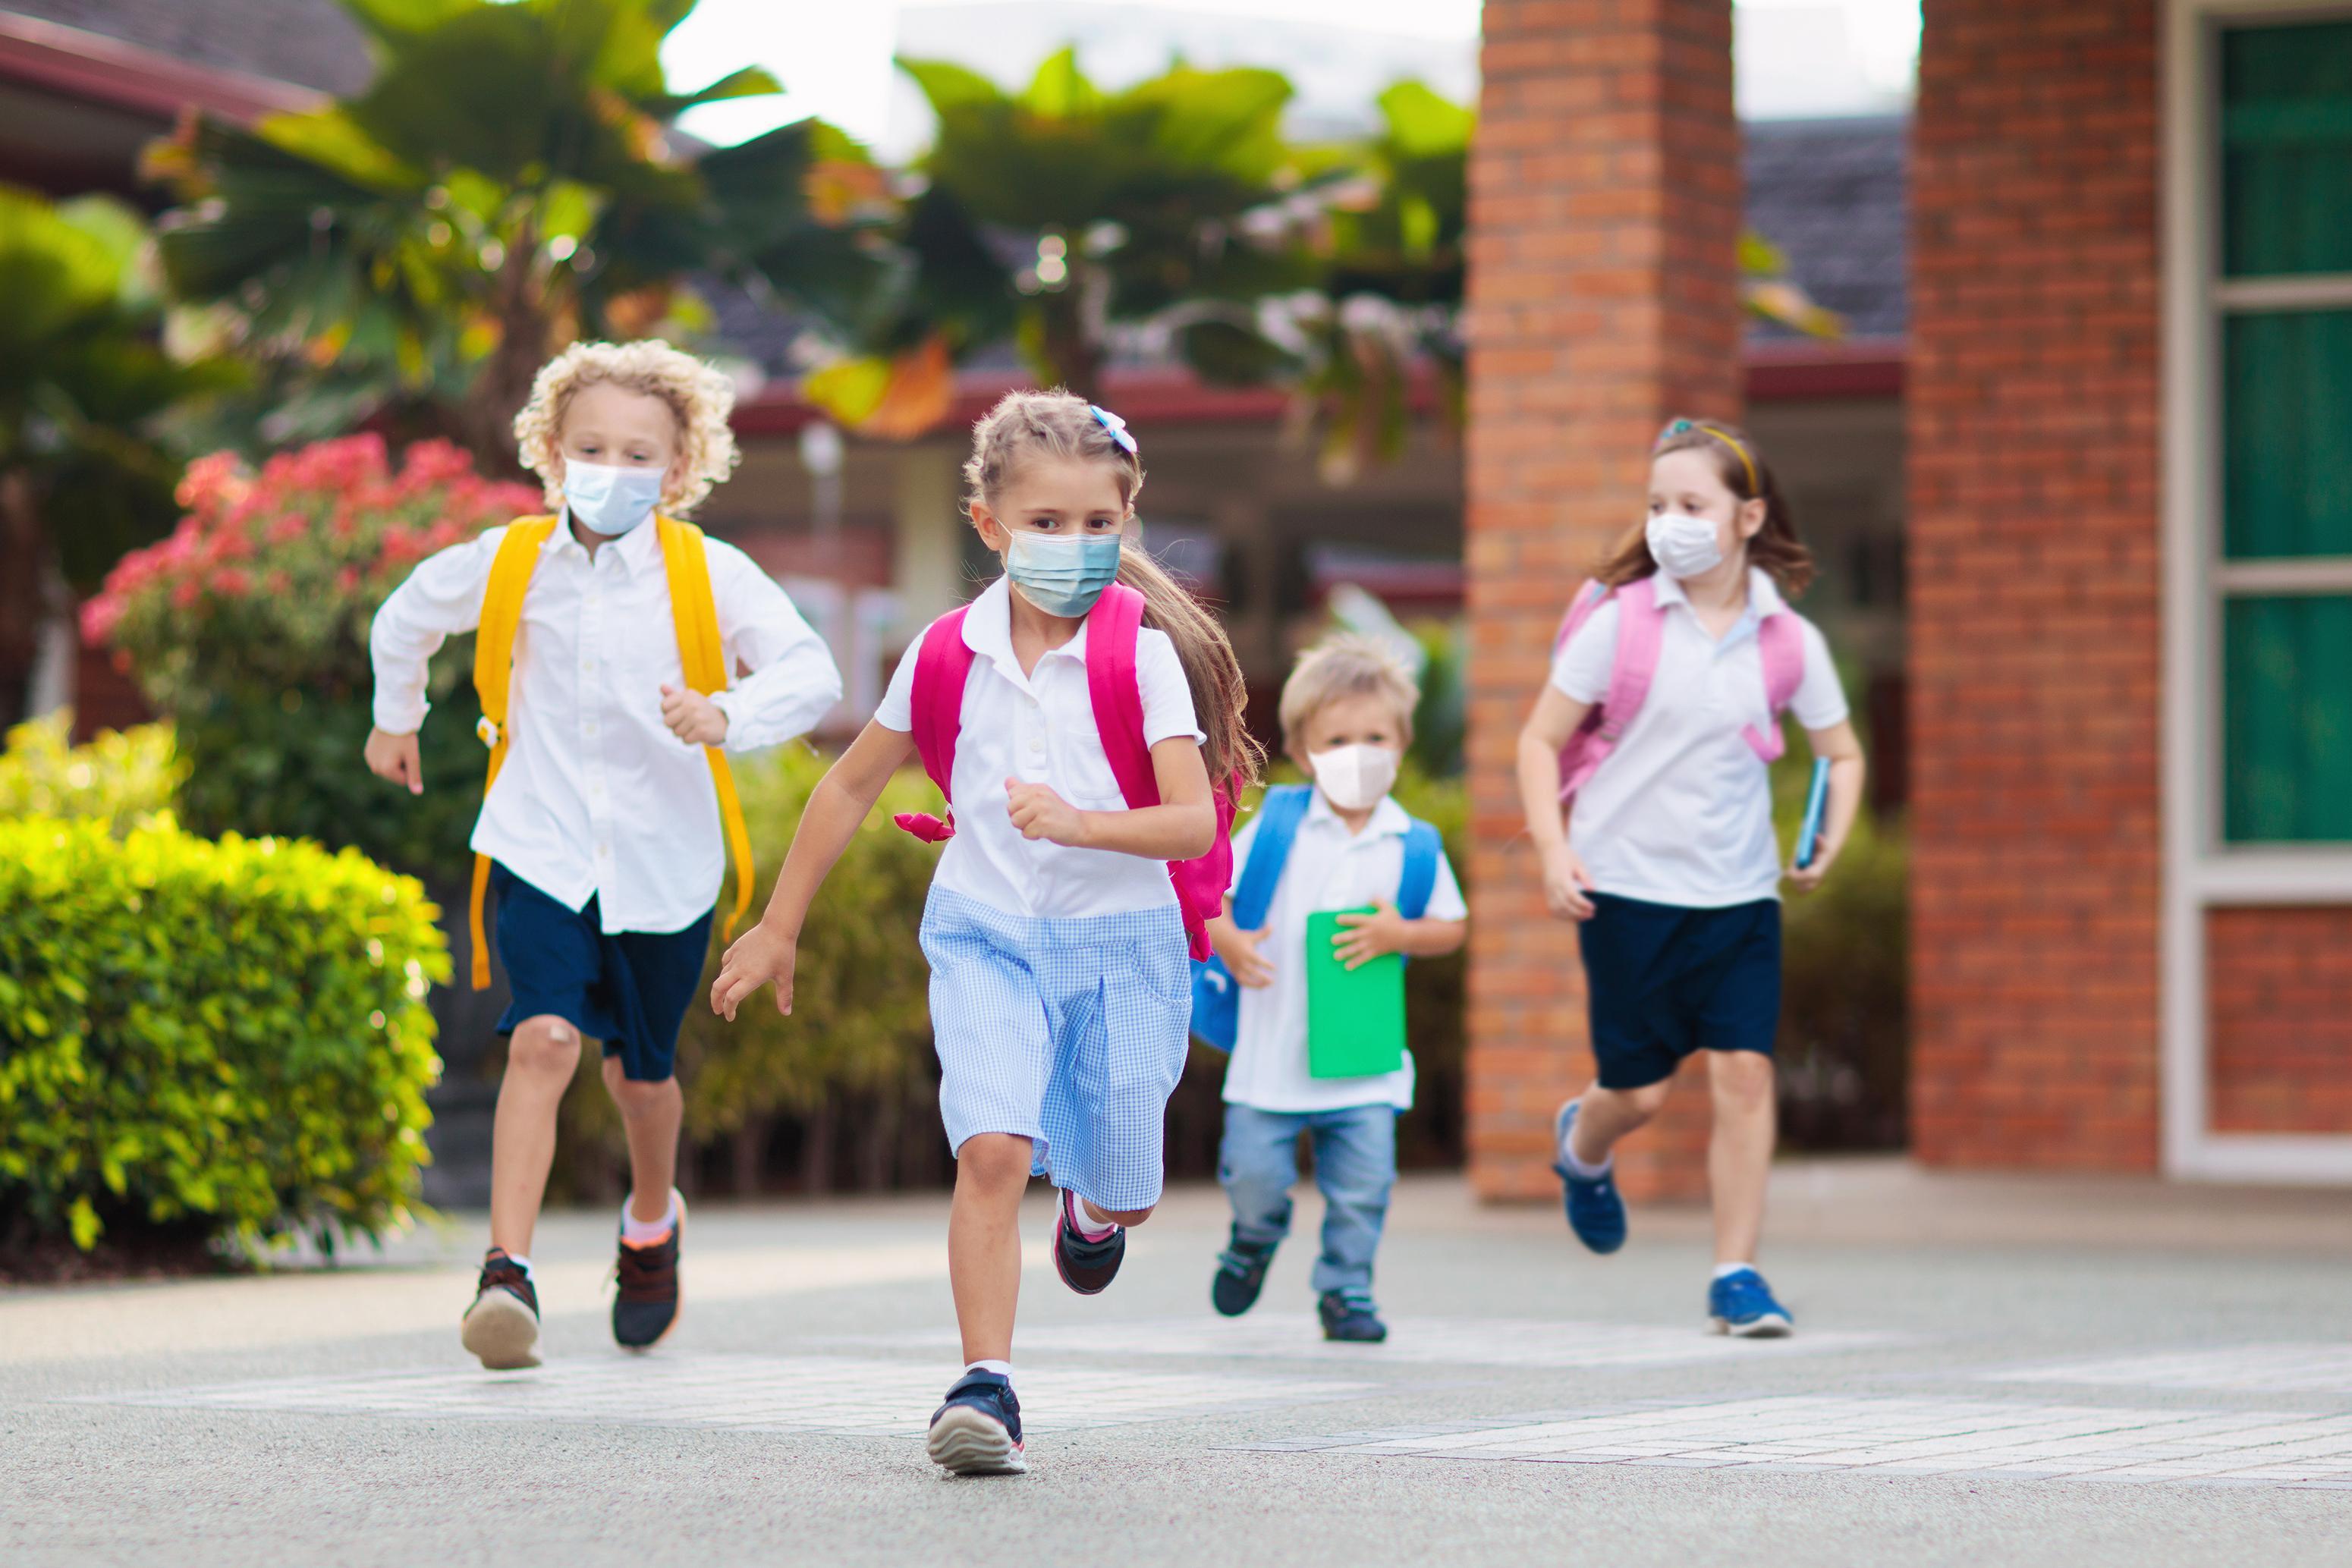 Ce se întâmplă cu elevii care refuză să poarte mască de protecție când vor reveni în băncile școlii, din 8 februarie 2021